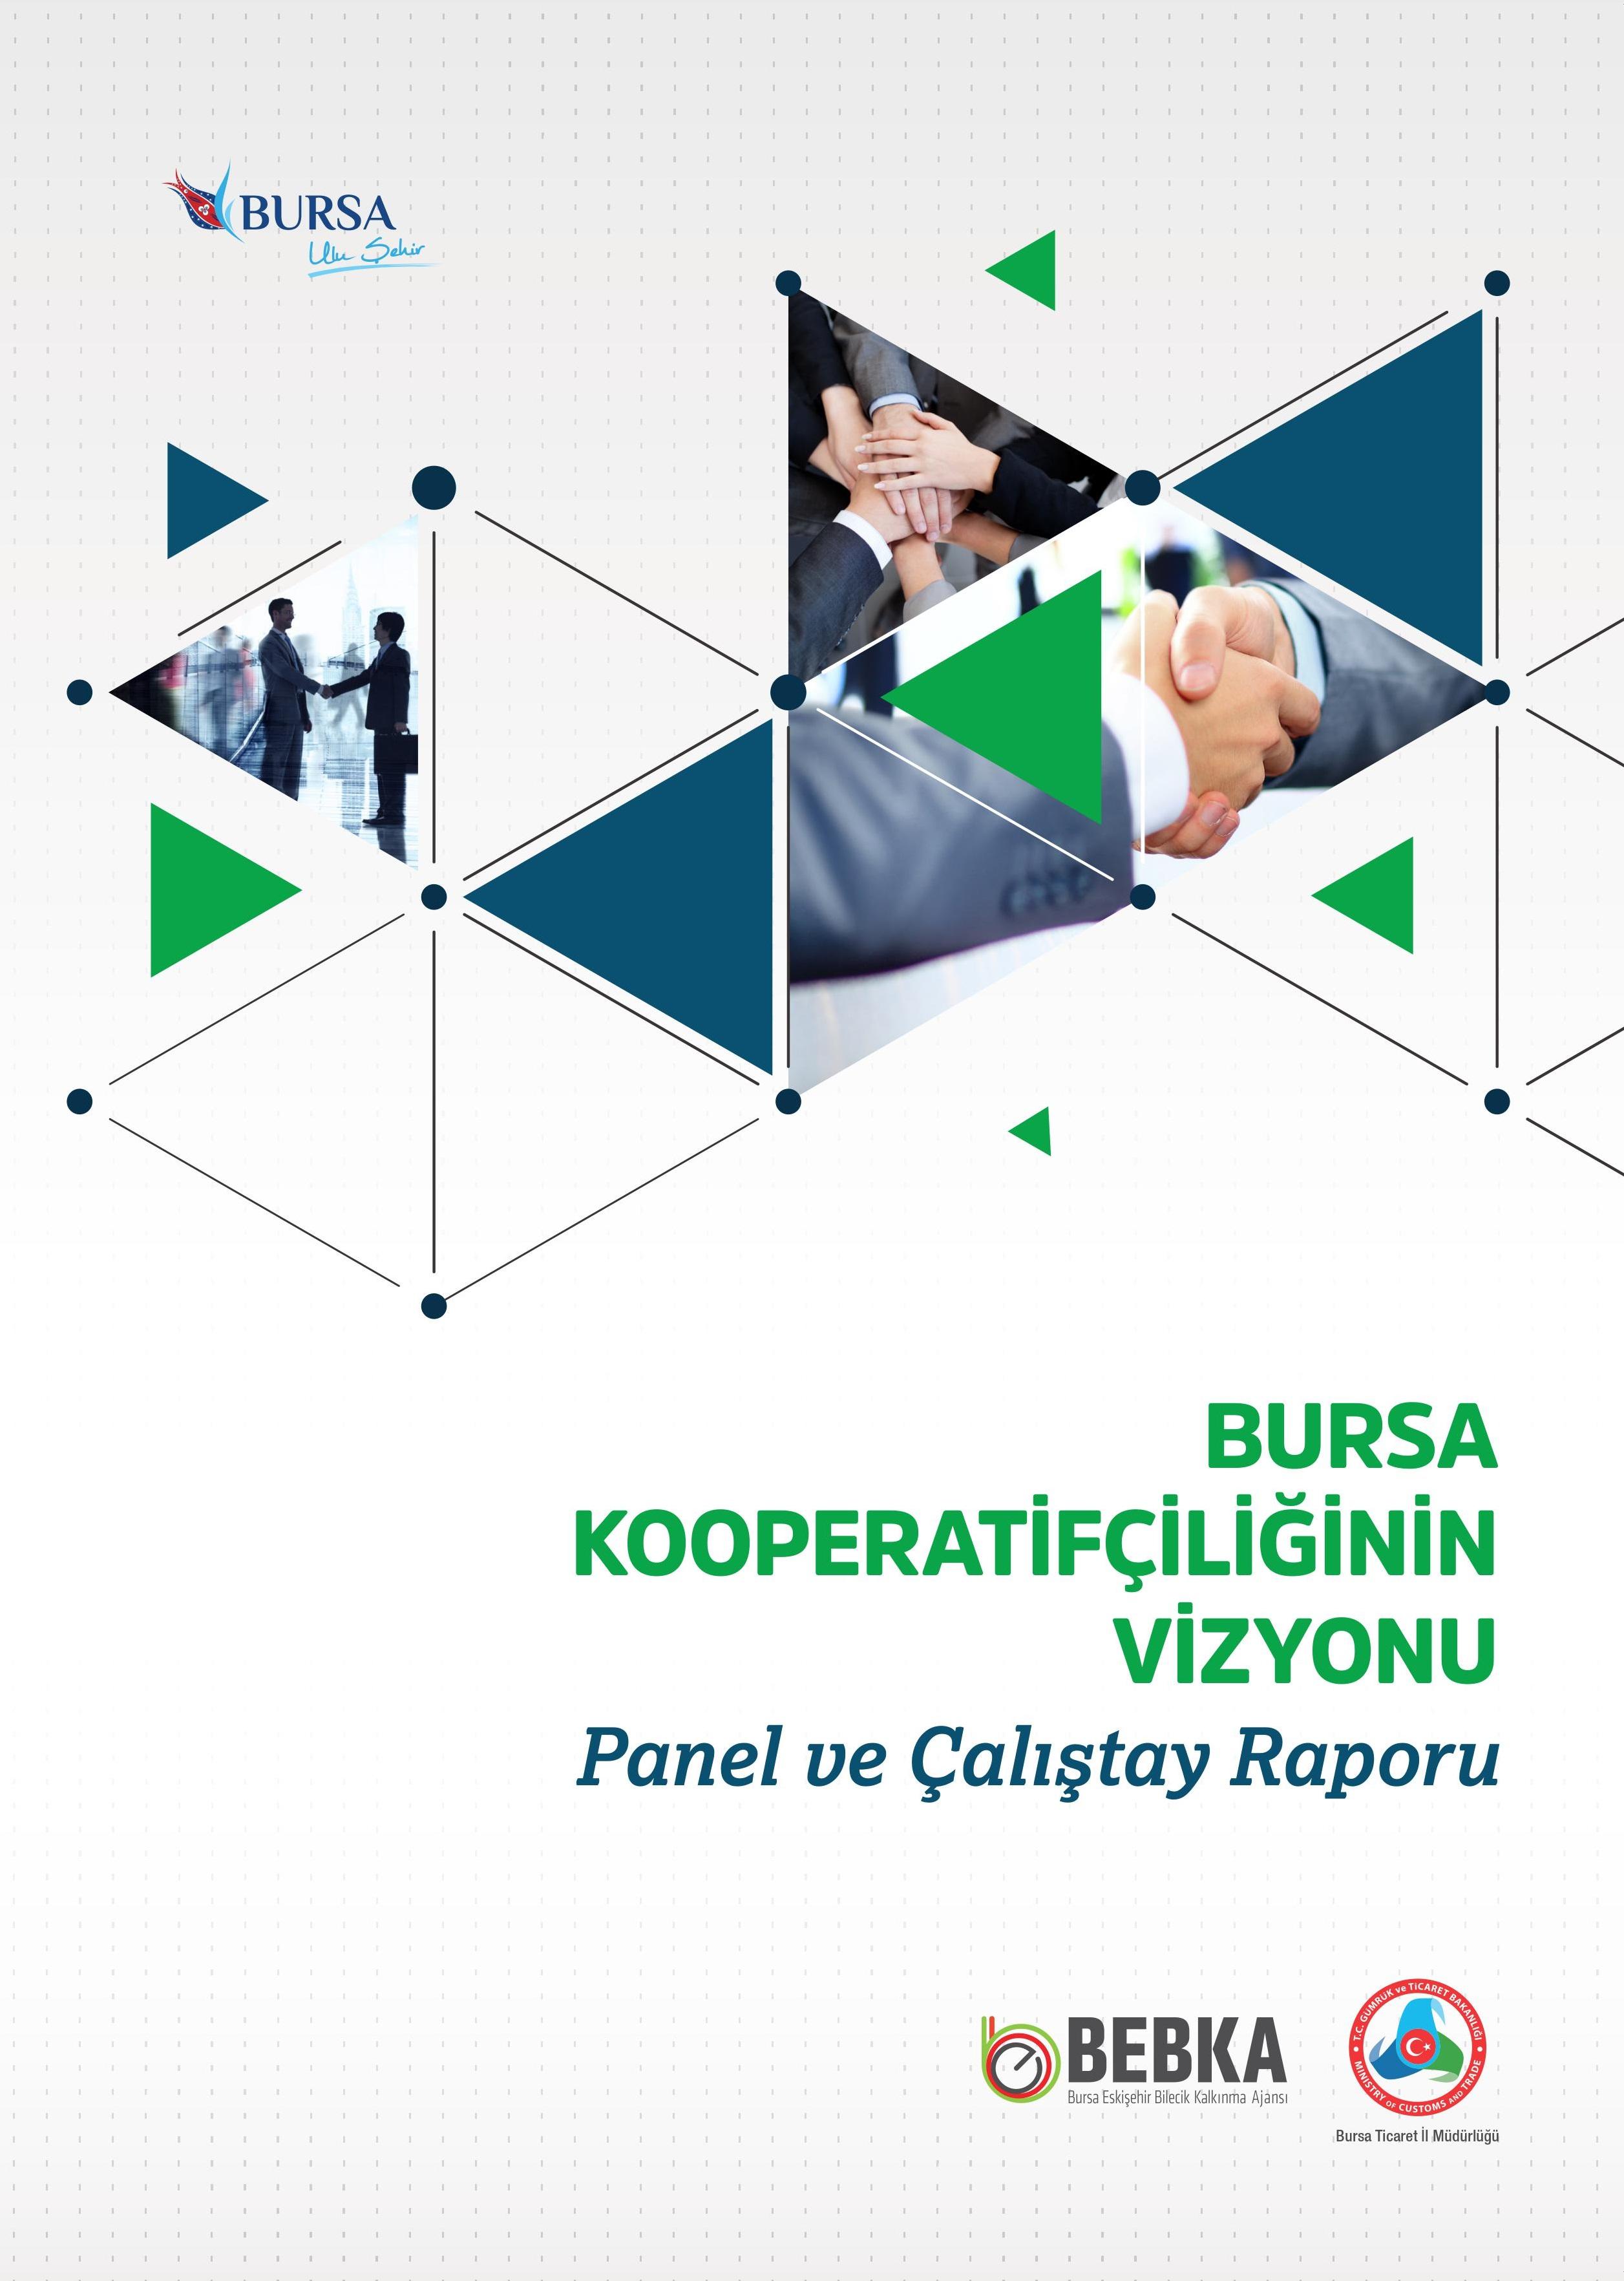 Bursa Kooperatifçiliğinin Vizyonu